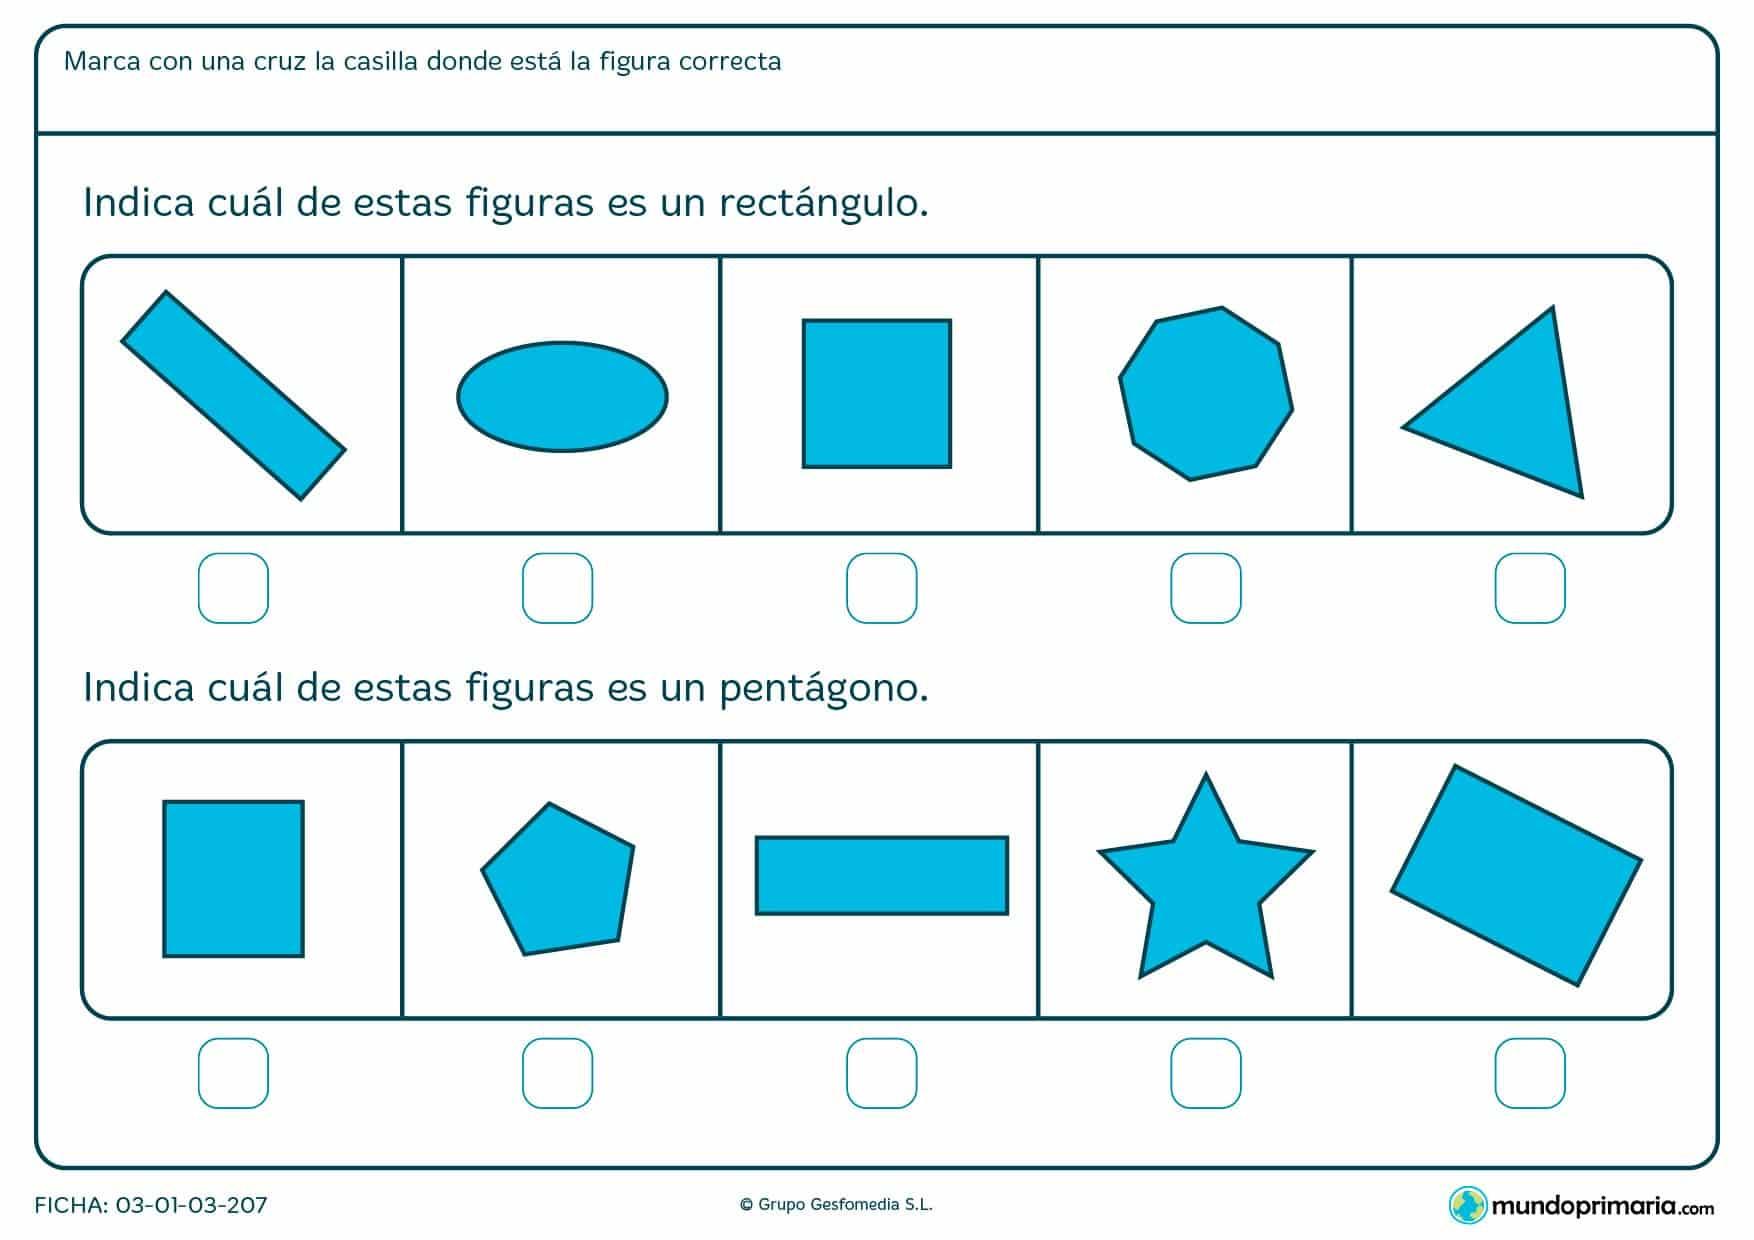 Ficha de paralelogramos en el que los niños de primero de primaria aprenden a diferenciar diferentes formas geométricas.